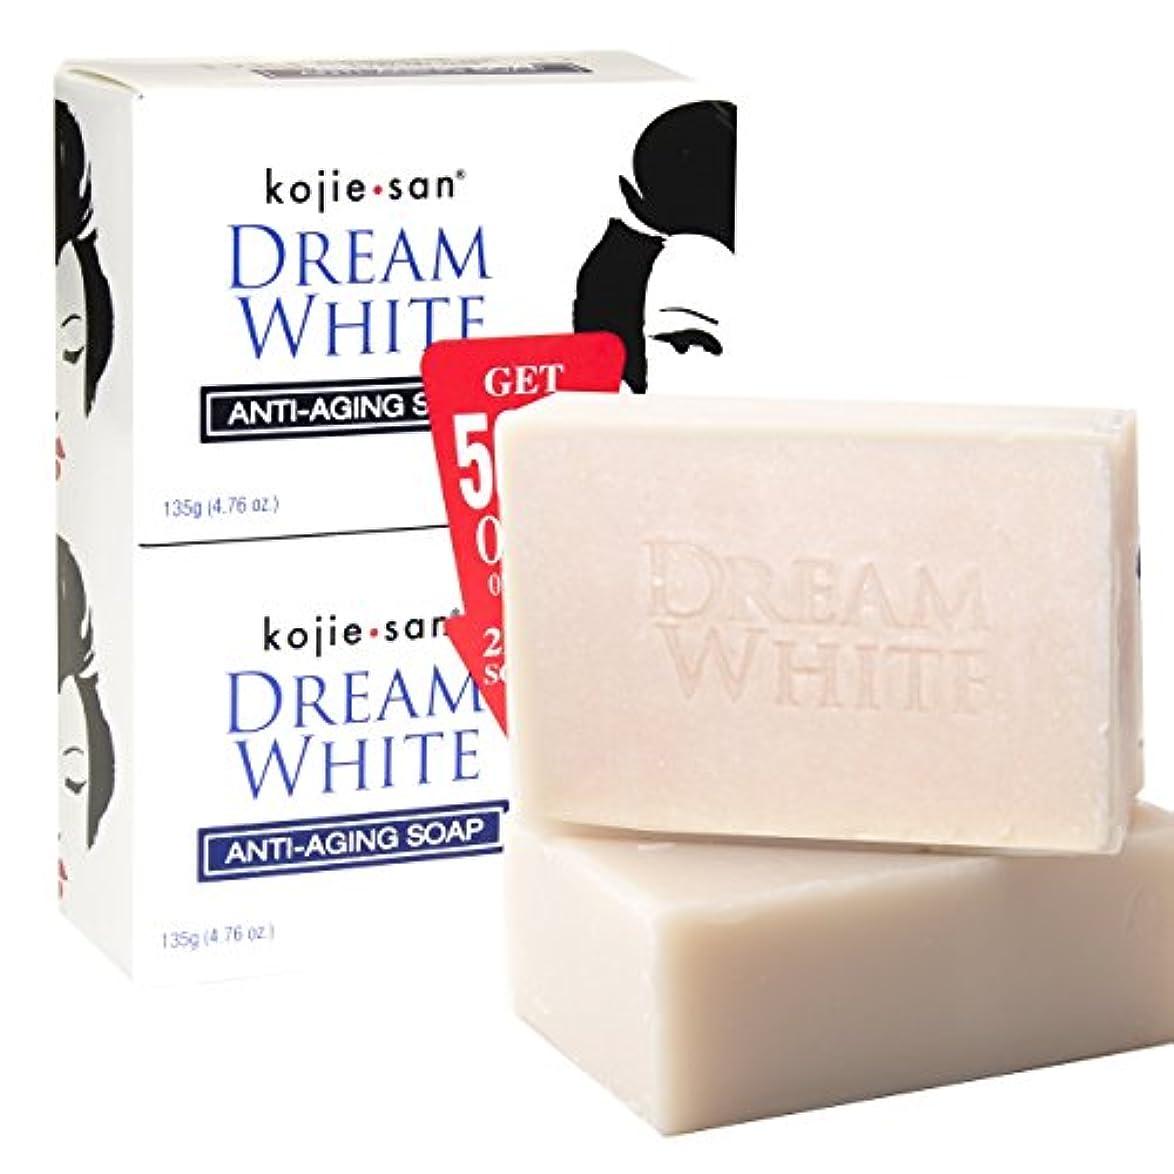 発見する早く障害者kojie san DREAM WHITE Soap 135g × 2個 ホワイトニングソープ